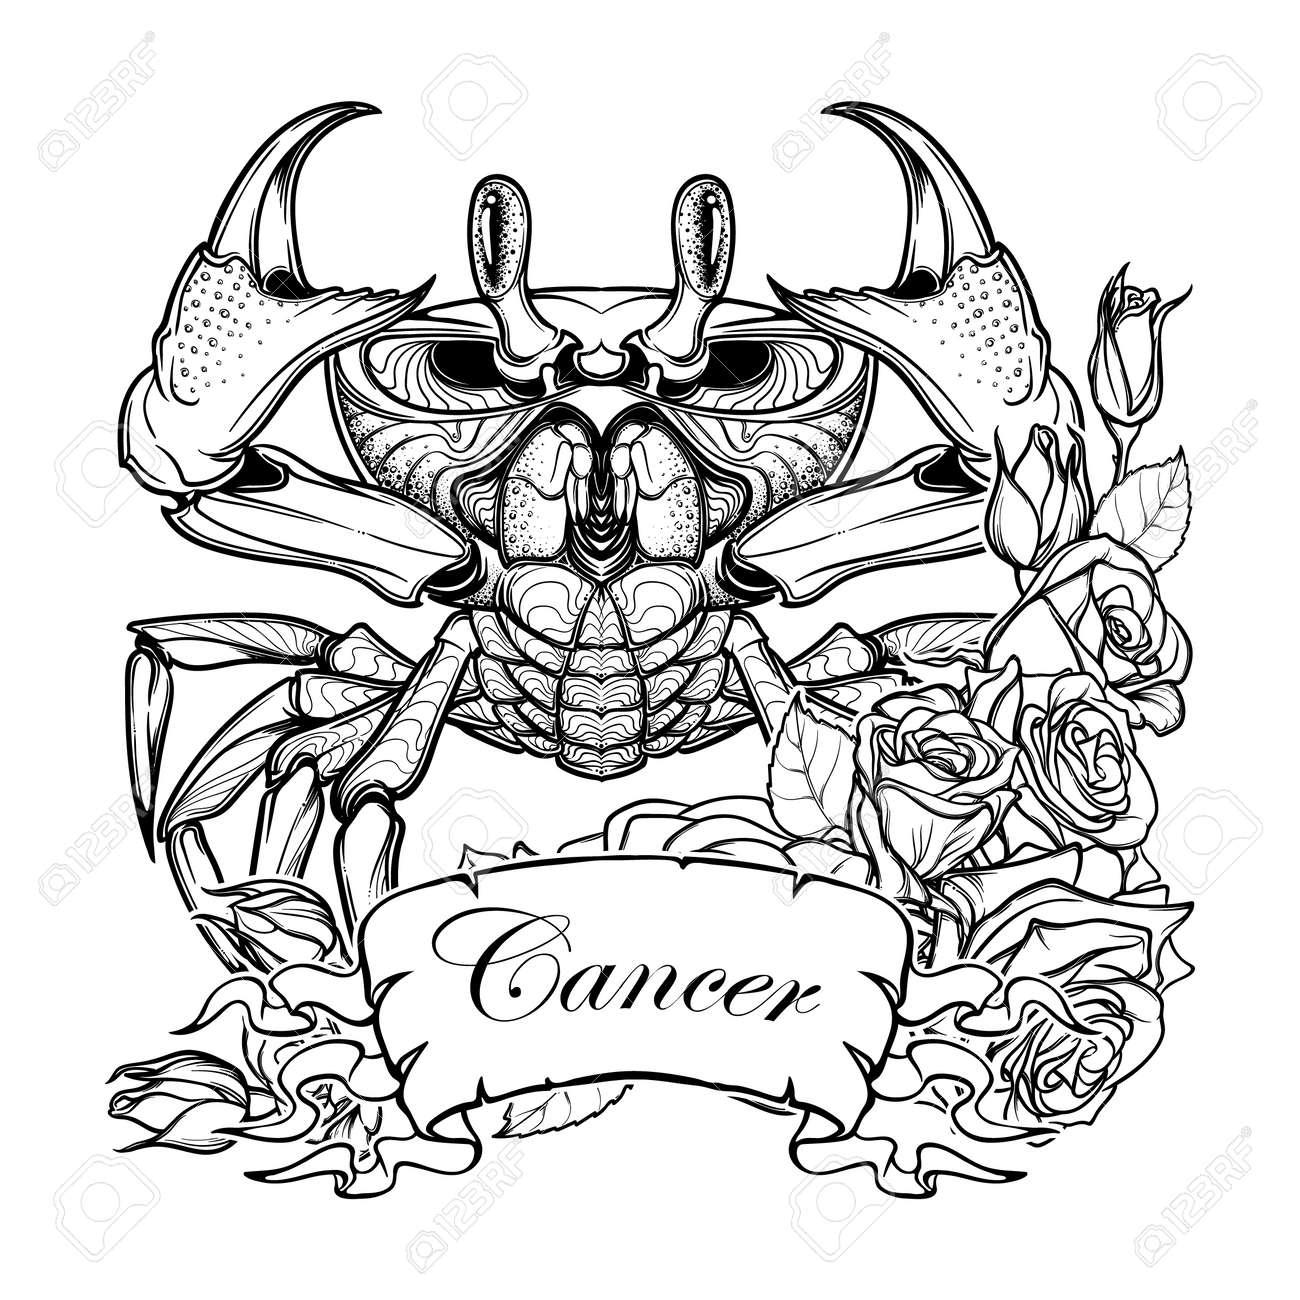 Signo Del Zodiaco Cáncer Dibujo Simétrico Exacto Del Cangrejo De La Playa Con Un Marco De Rosas Arte Conceptual Para El Tatuaje Horóscopo